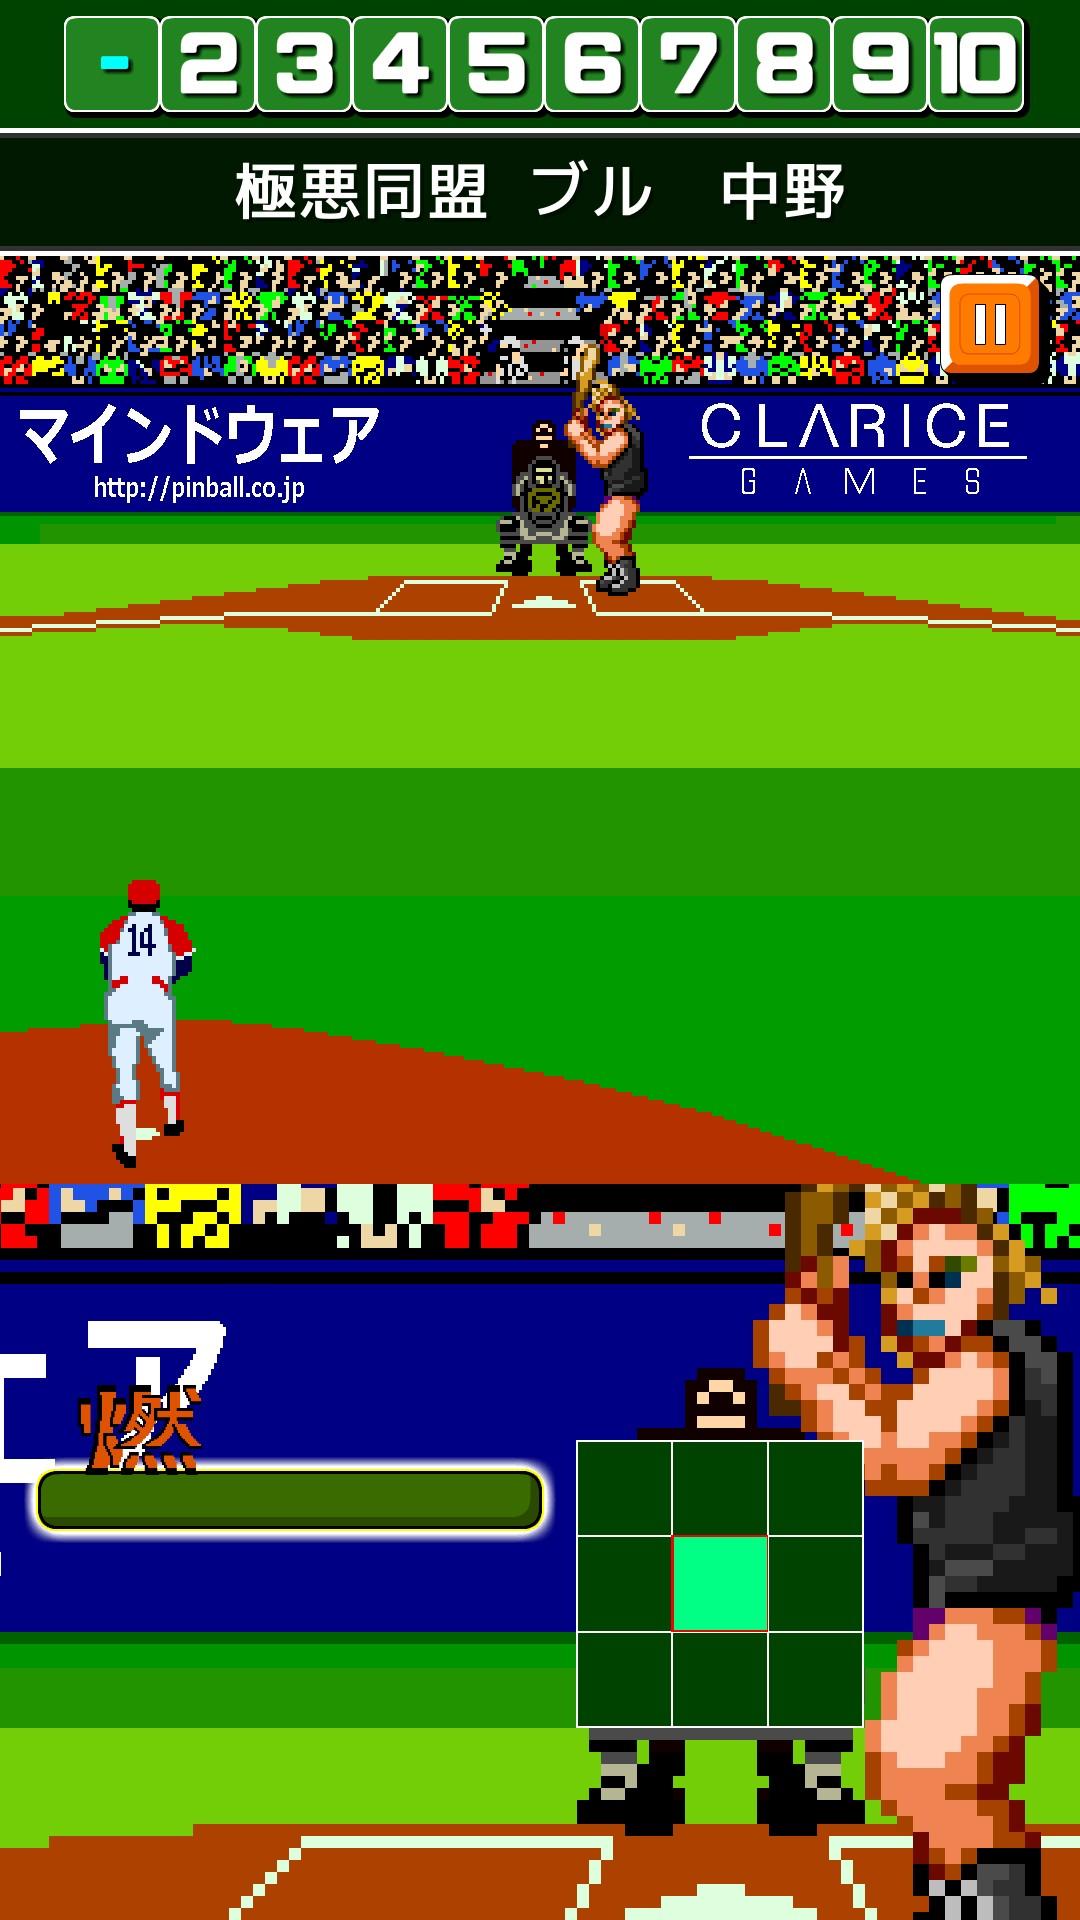 燃えろ!!プロ野球の画像 p1_25